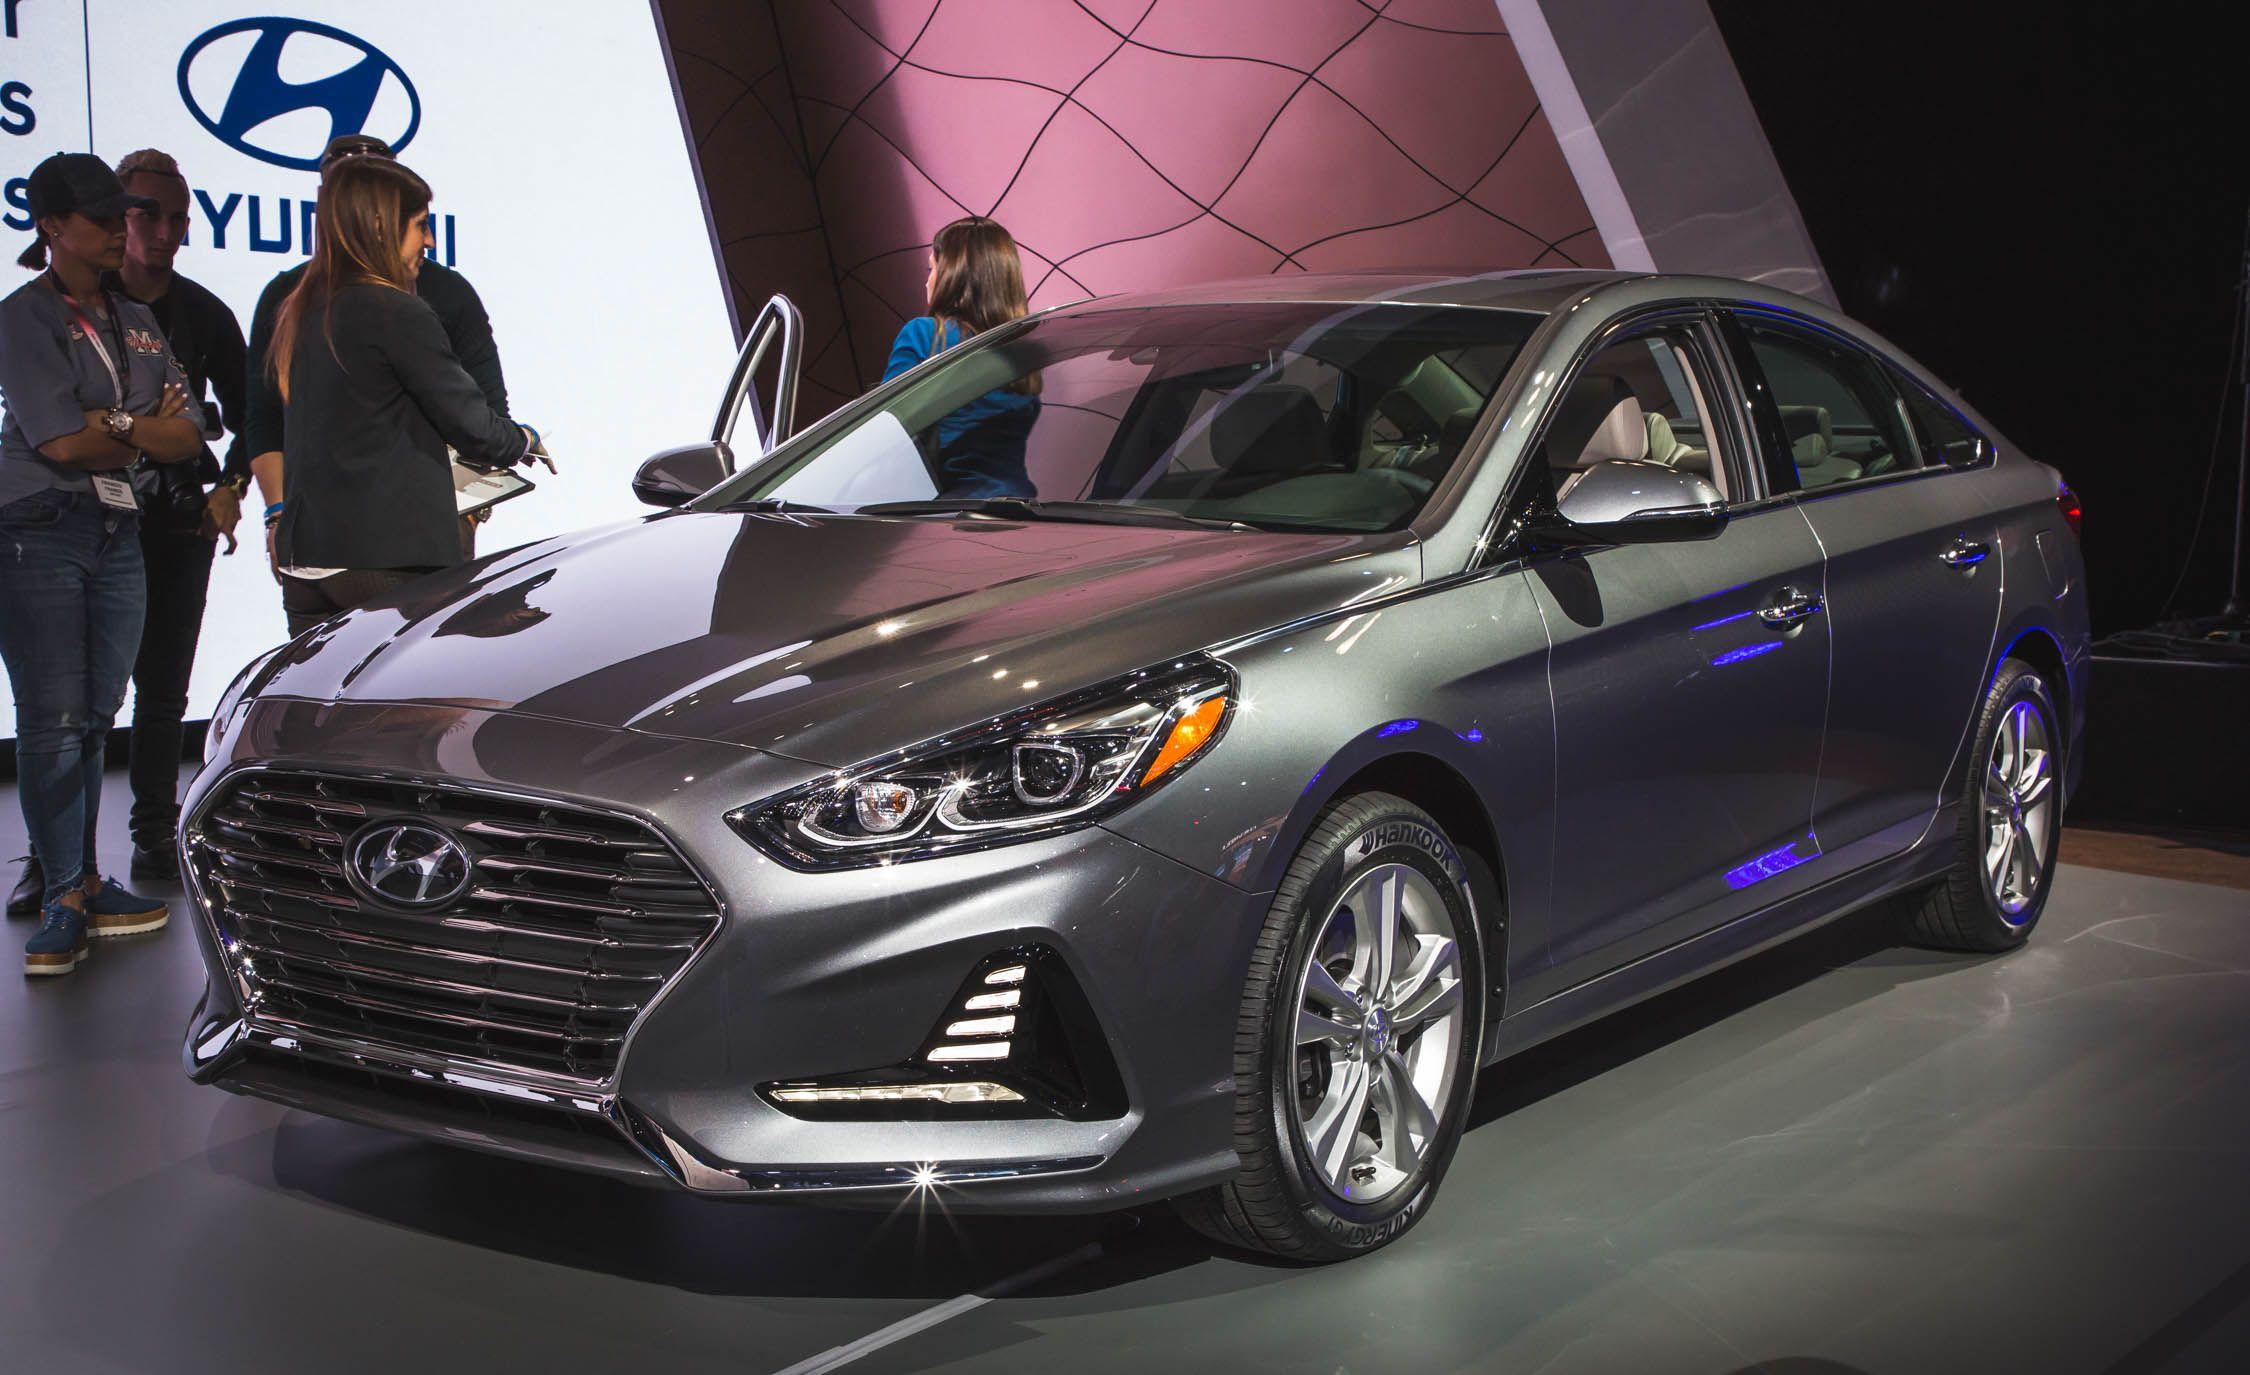 2018 Hyundai Sonata Photo Gallery Car And Driver